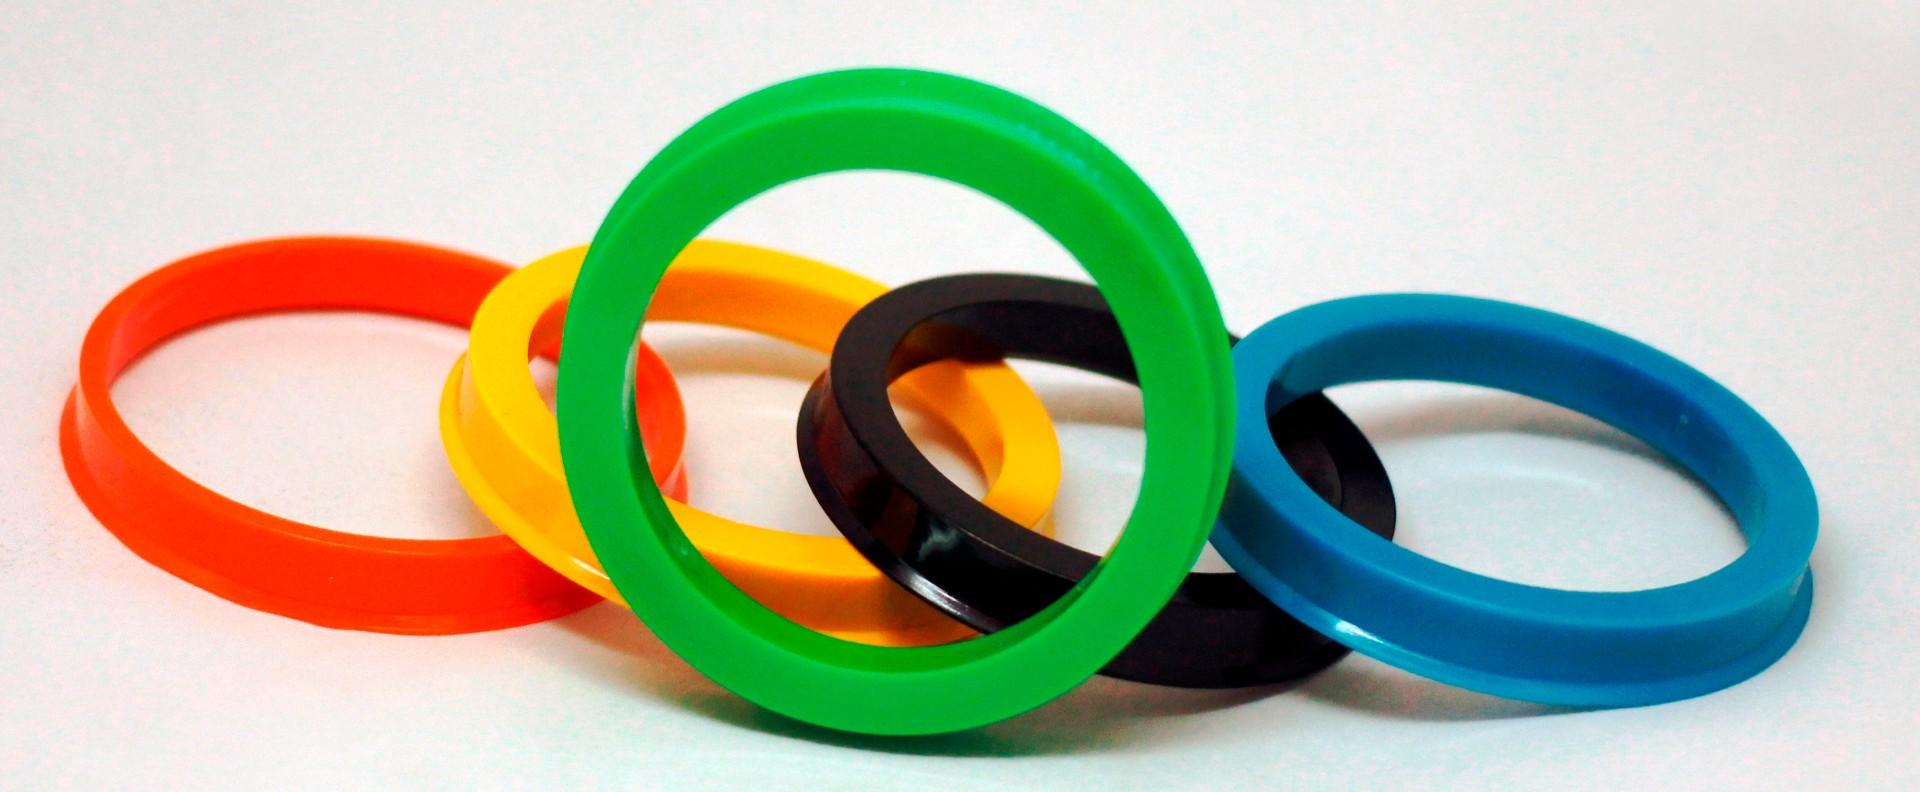 проставочные кольца для дисков этого